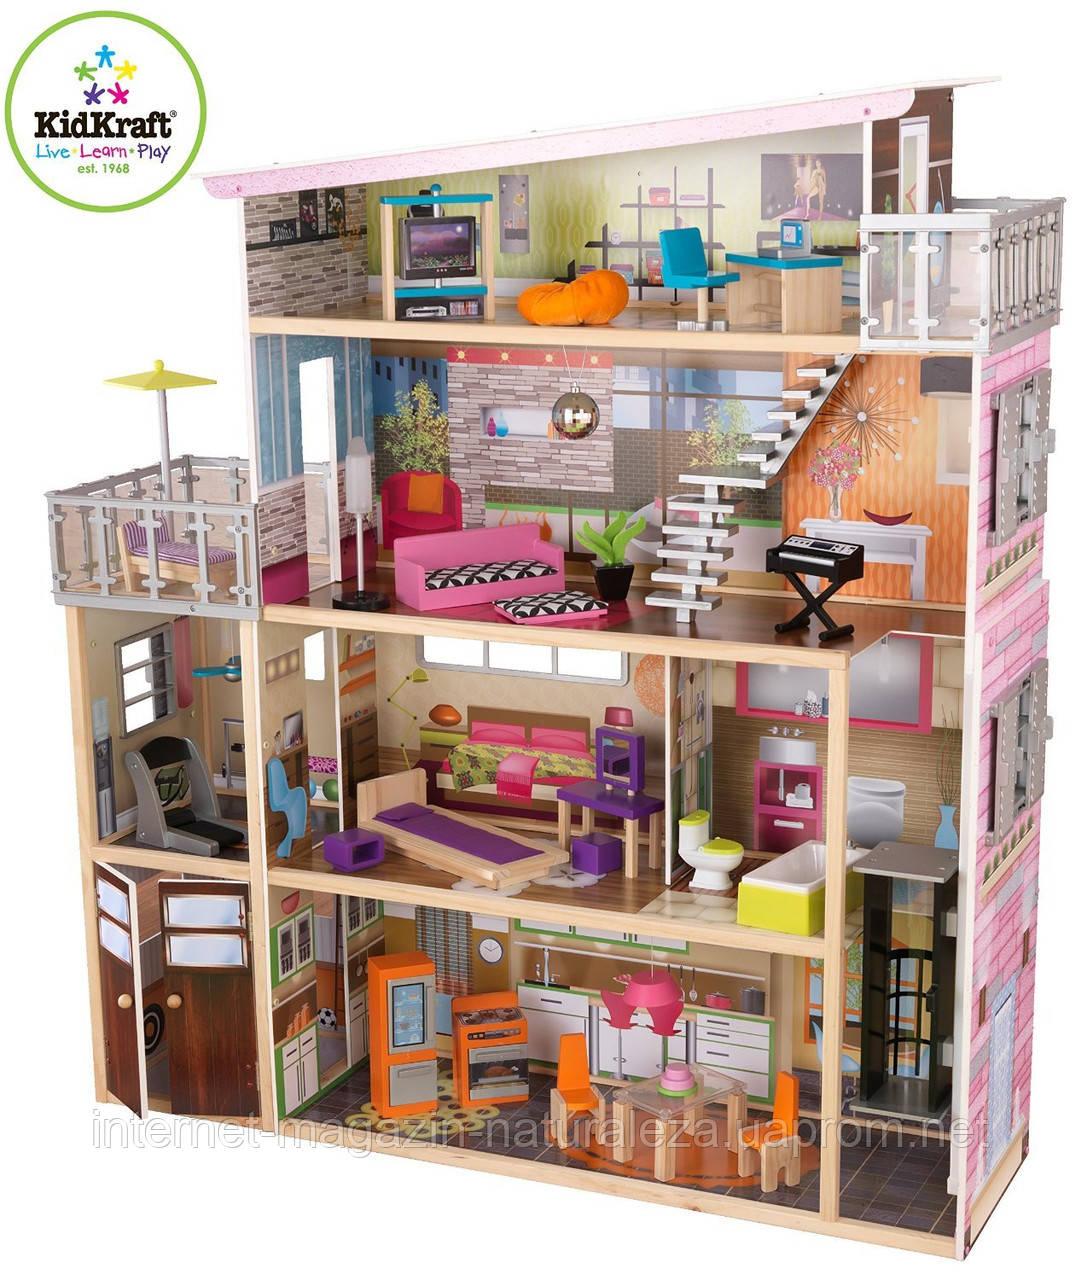 Кукольный дом ТМ Kidkraft Soho 65277